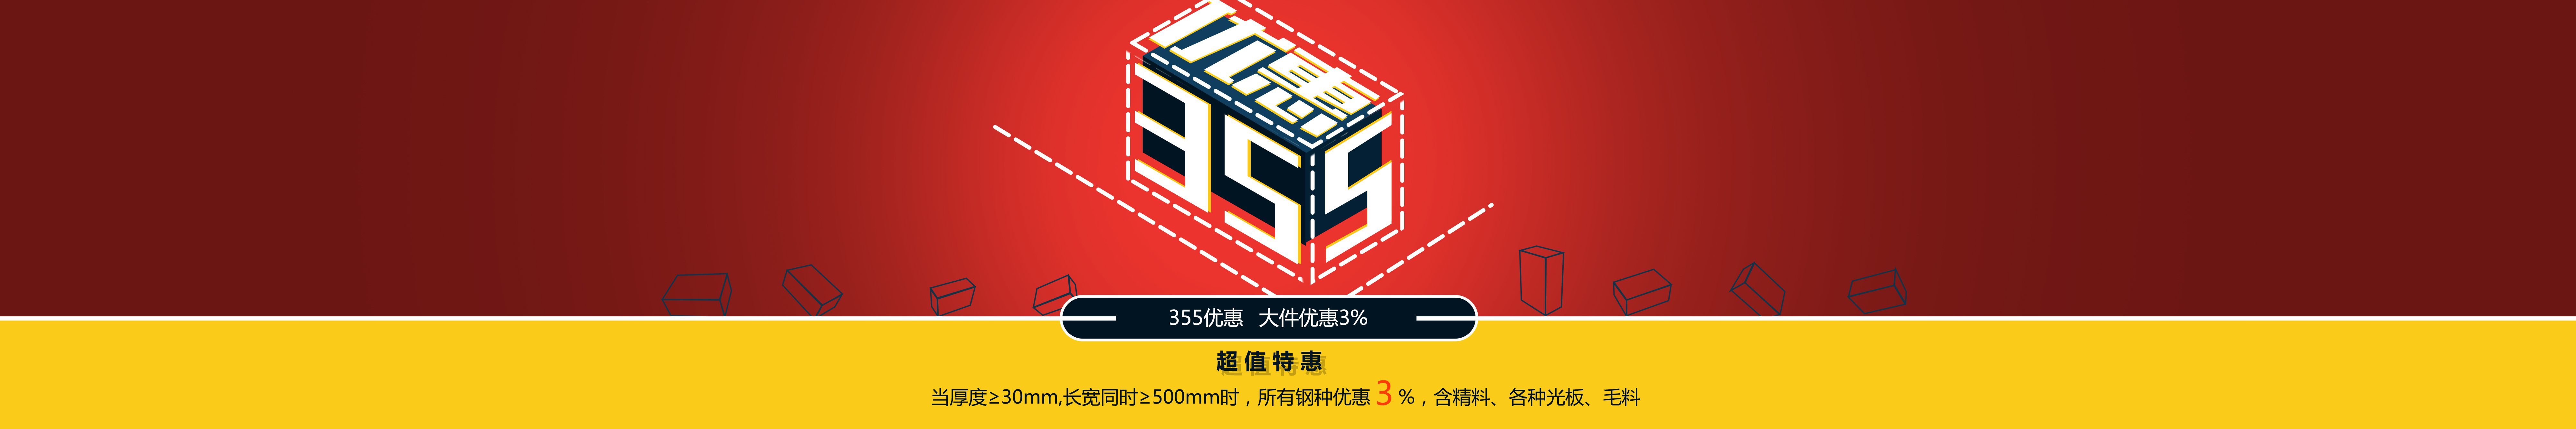 355优惠上线:当厚度≥30,长宽同时≥500时优惠3%